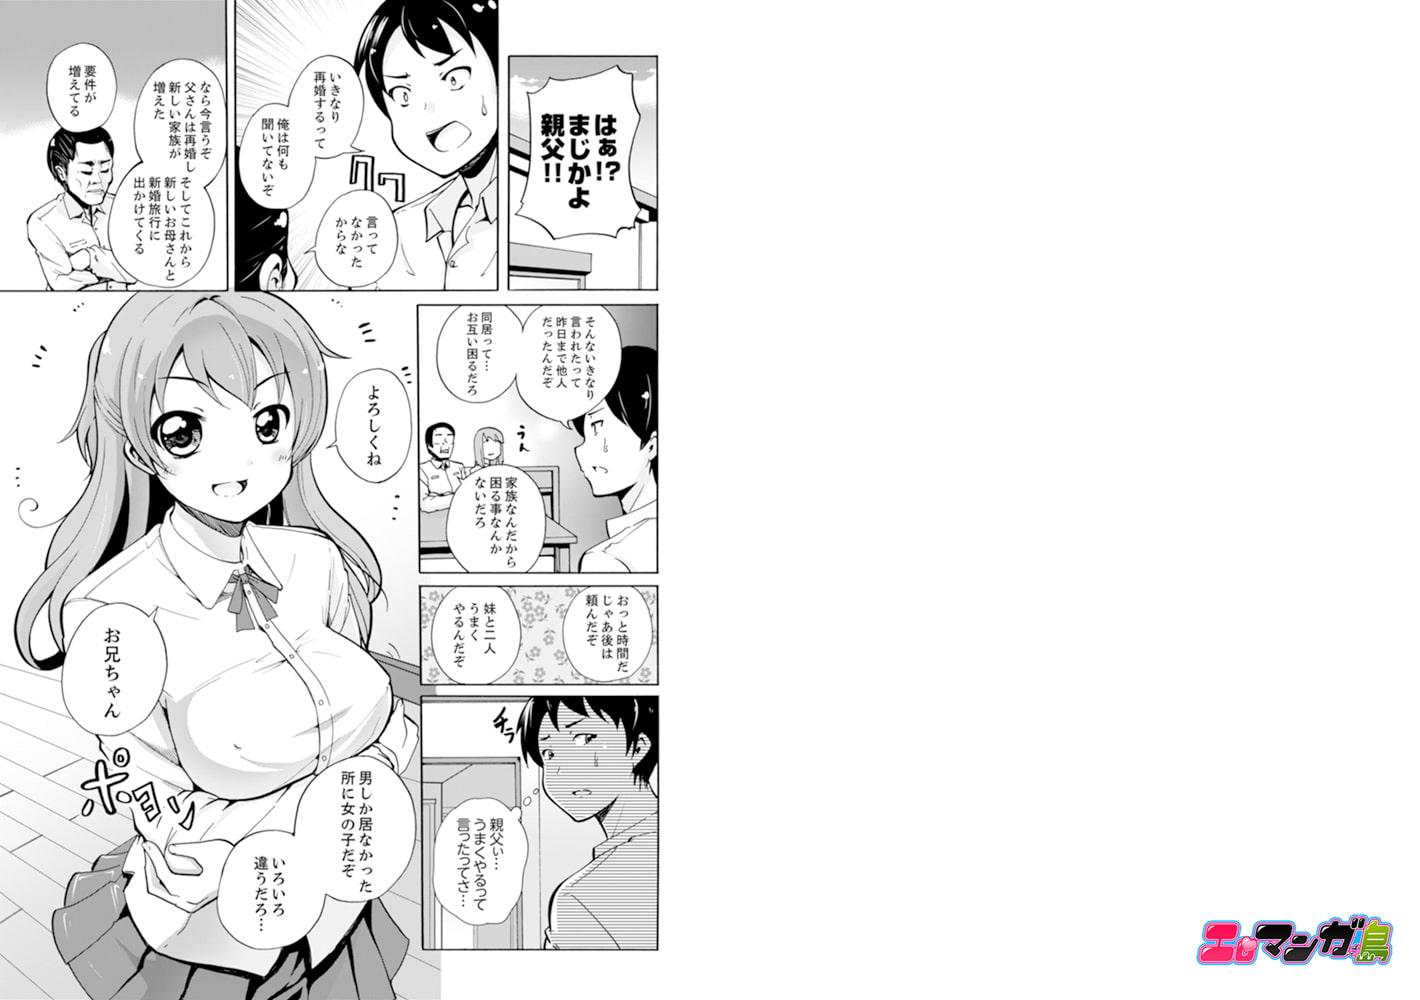 妹とお風呂エッチ!?~透けてる乳首がビクンビクン【完全版】